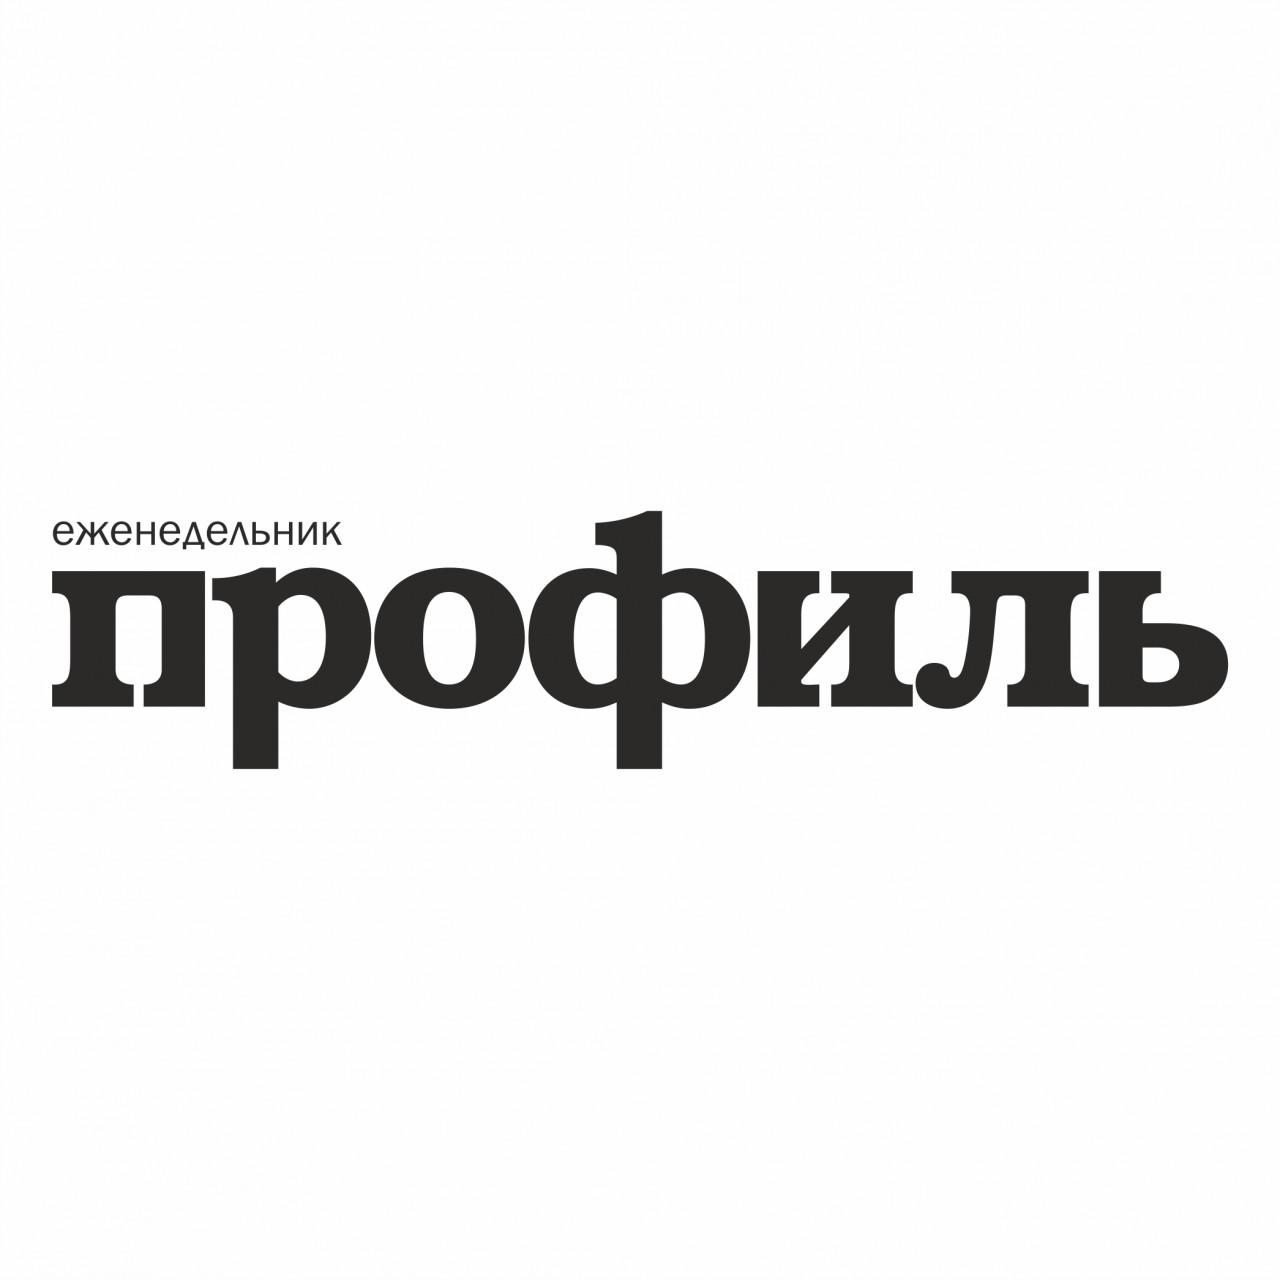 Суд оставил под домашним арестом пресс-секретаря Роскомнадзора